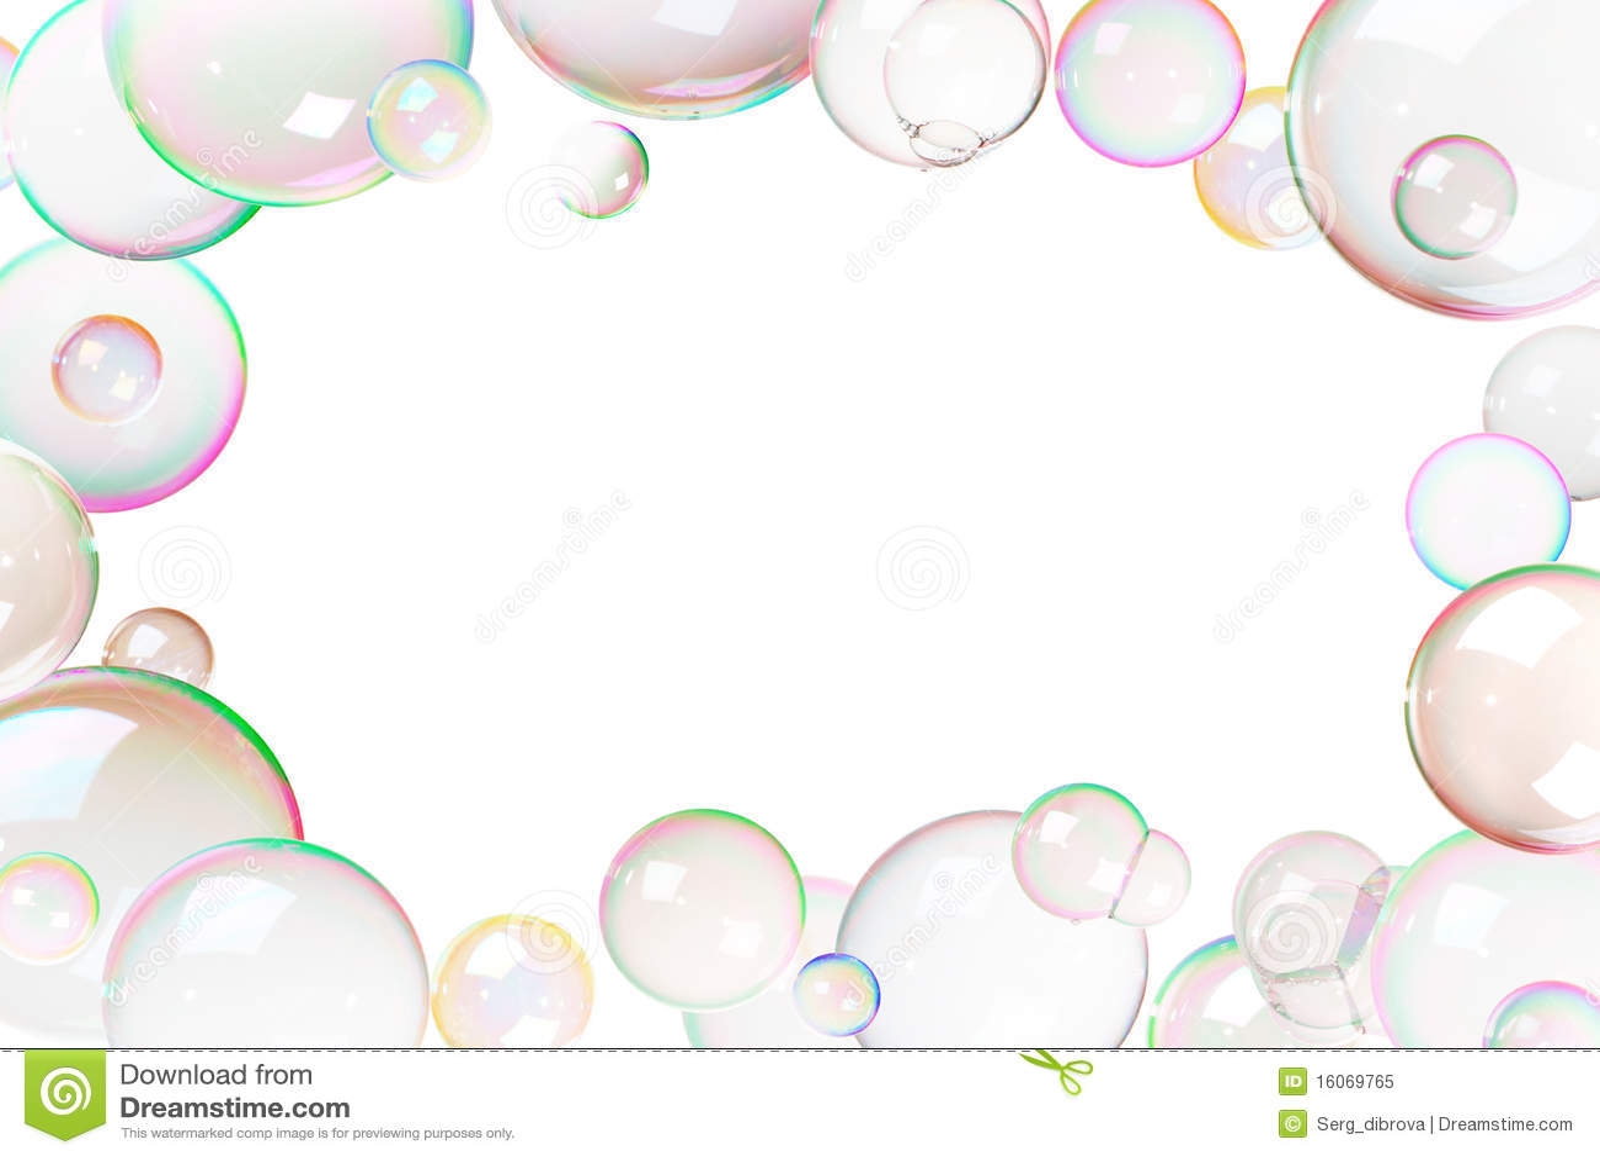 Marco Colorido De Las Burbujas De Jabón Imagen de archivo - Imagen ...